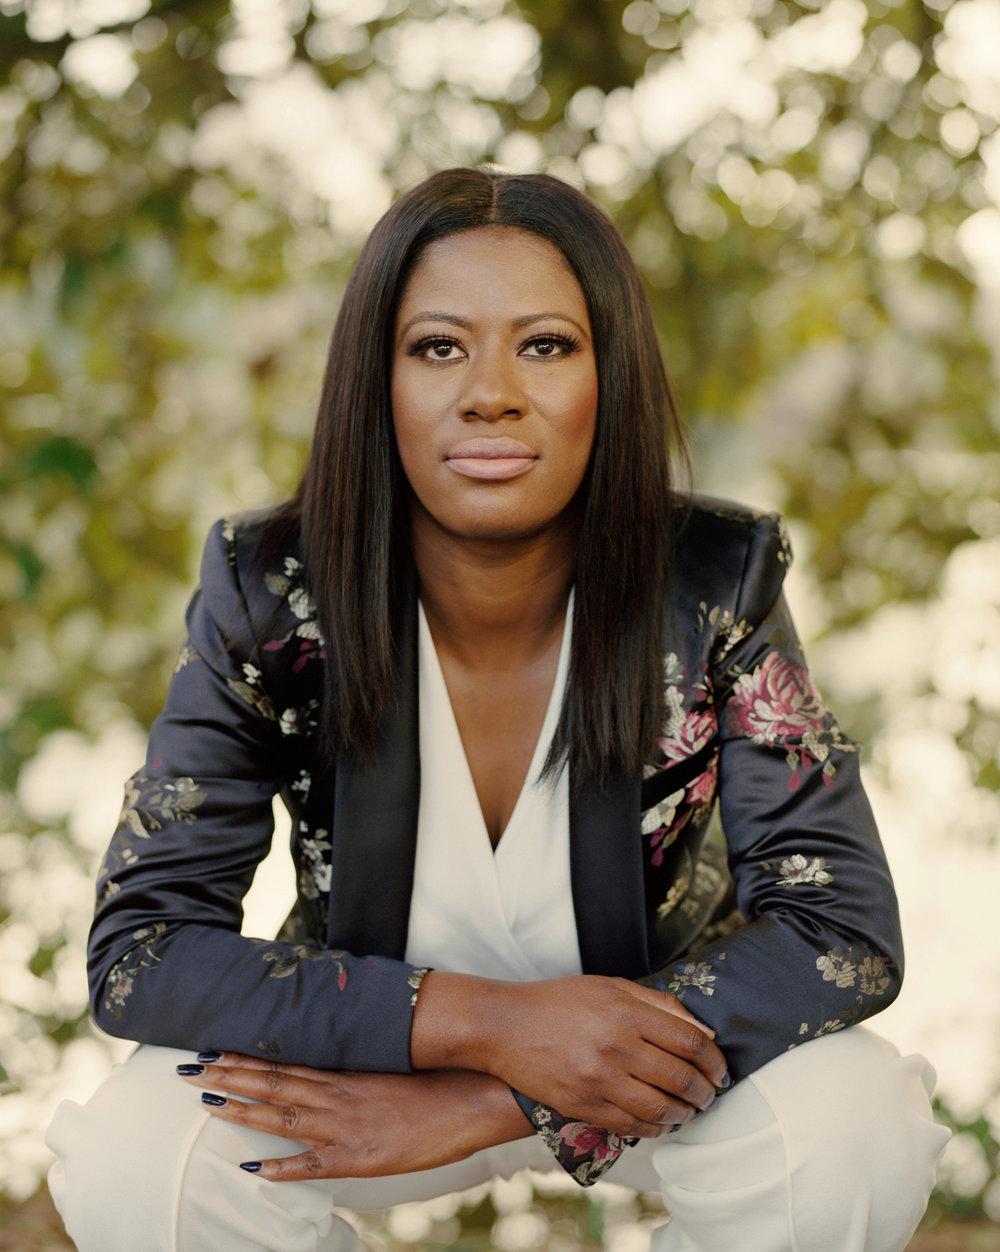 Asante McGee, Survivor of R. Kelly, Atlanta